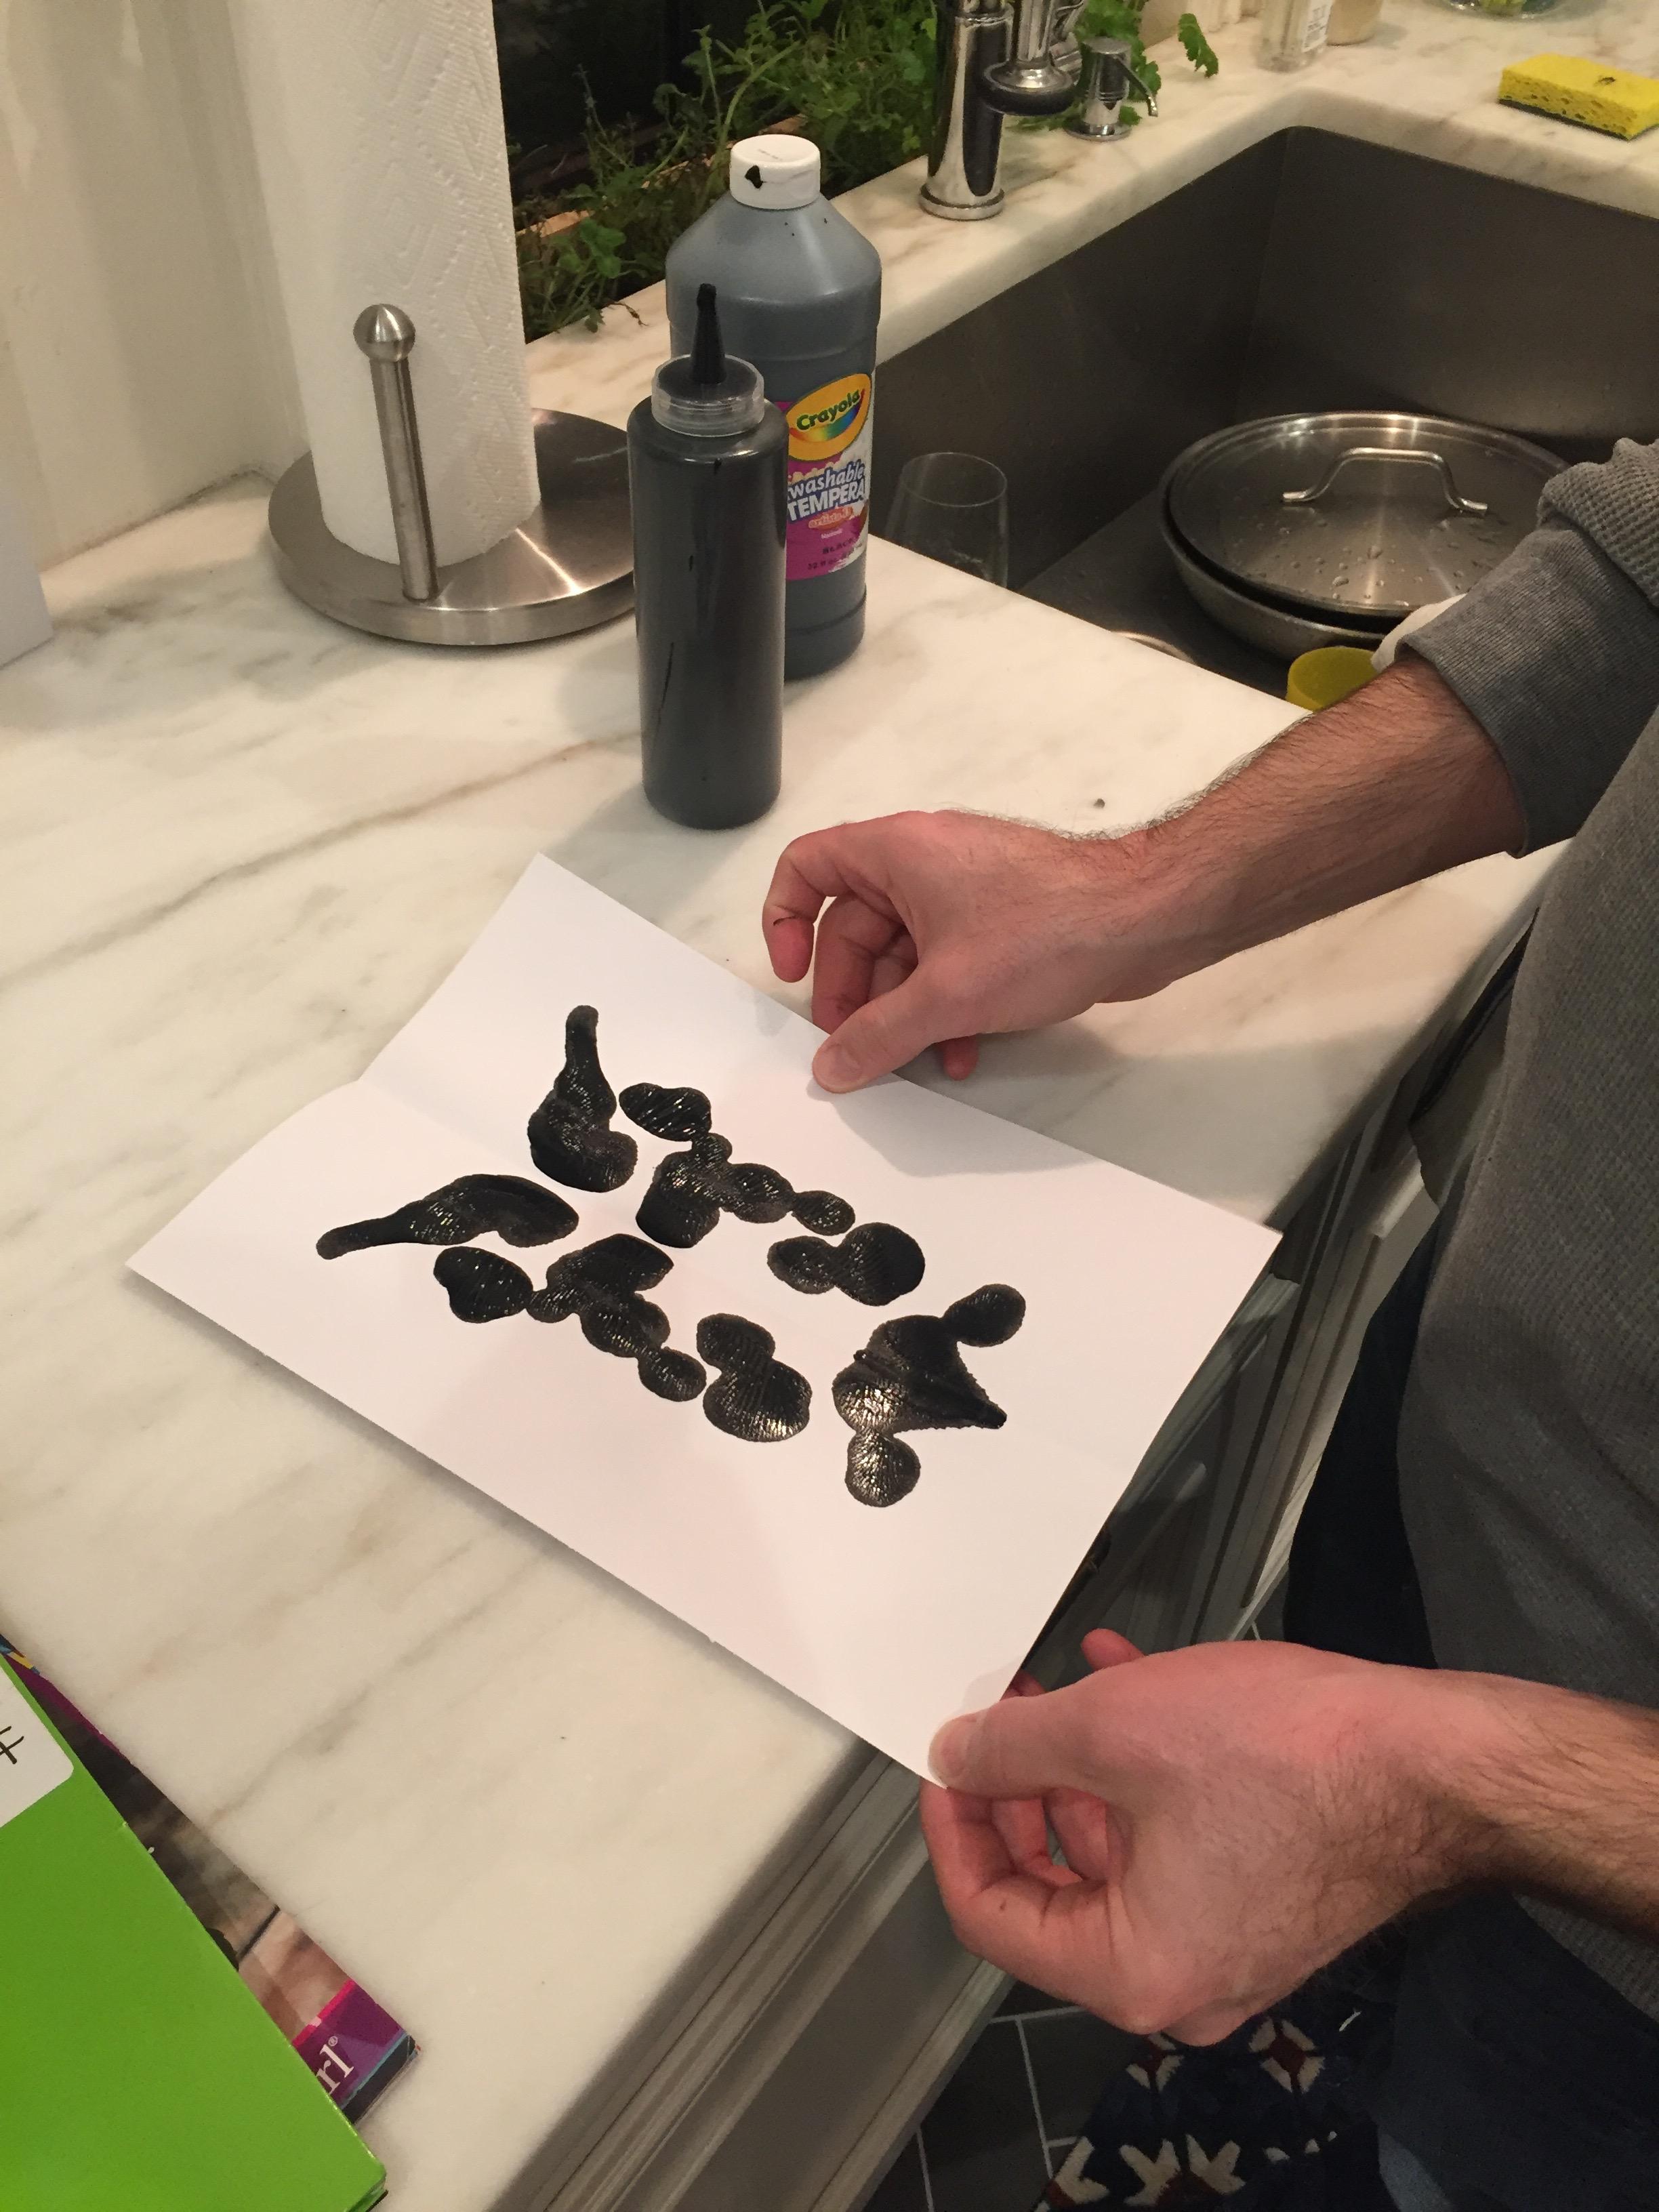 DIY inkblots